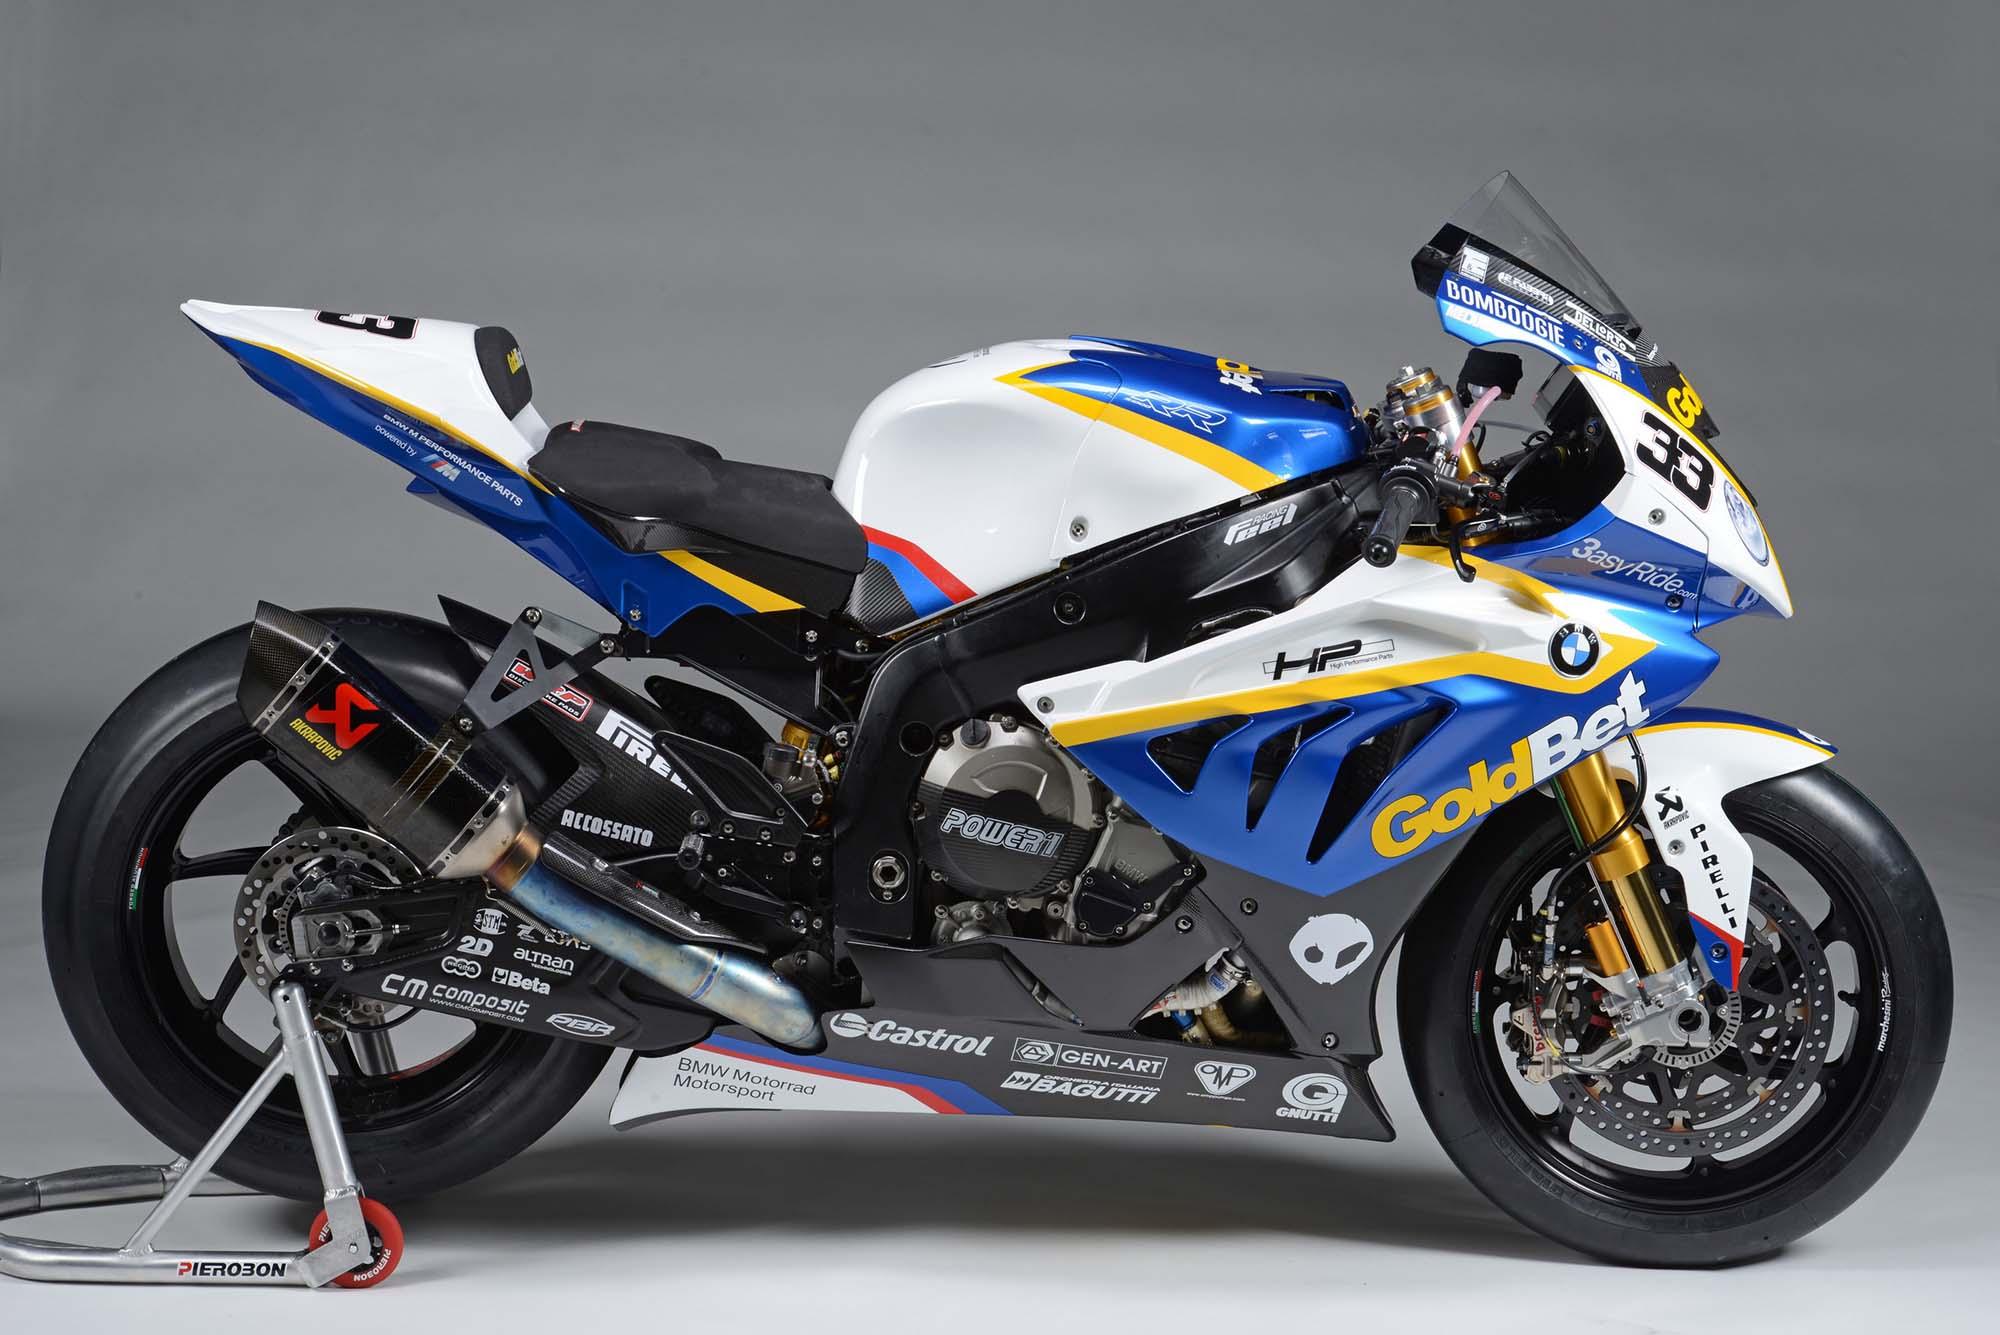 Sbk Motorrad